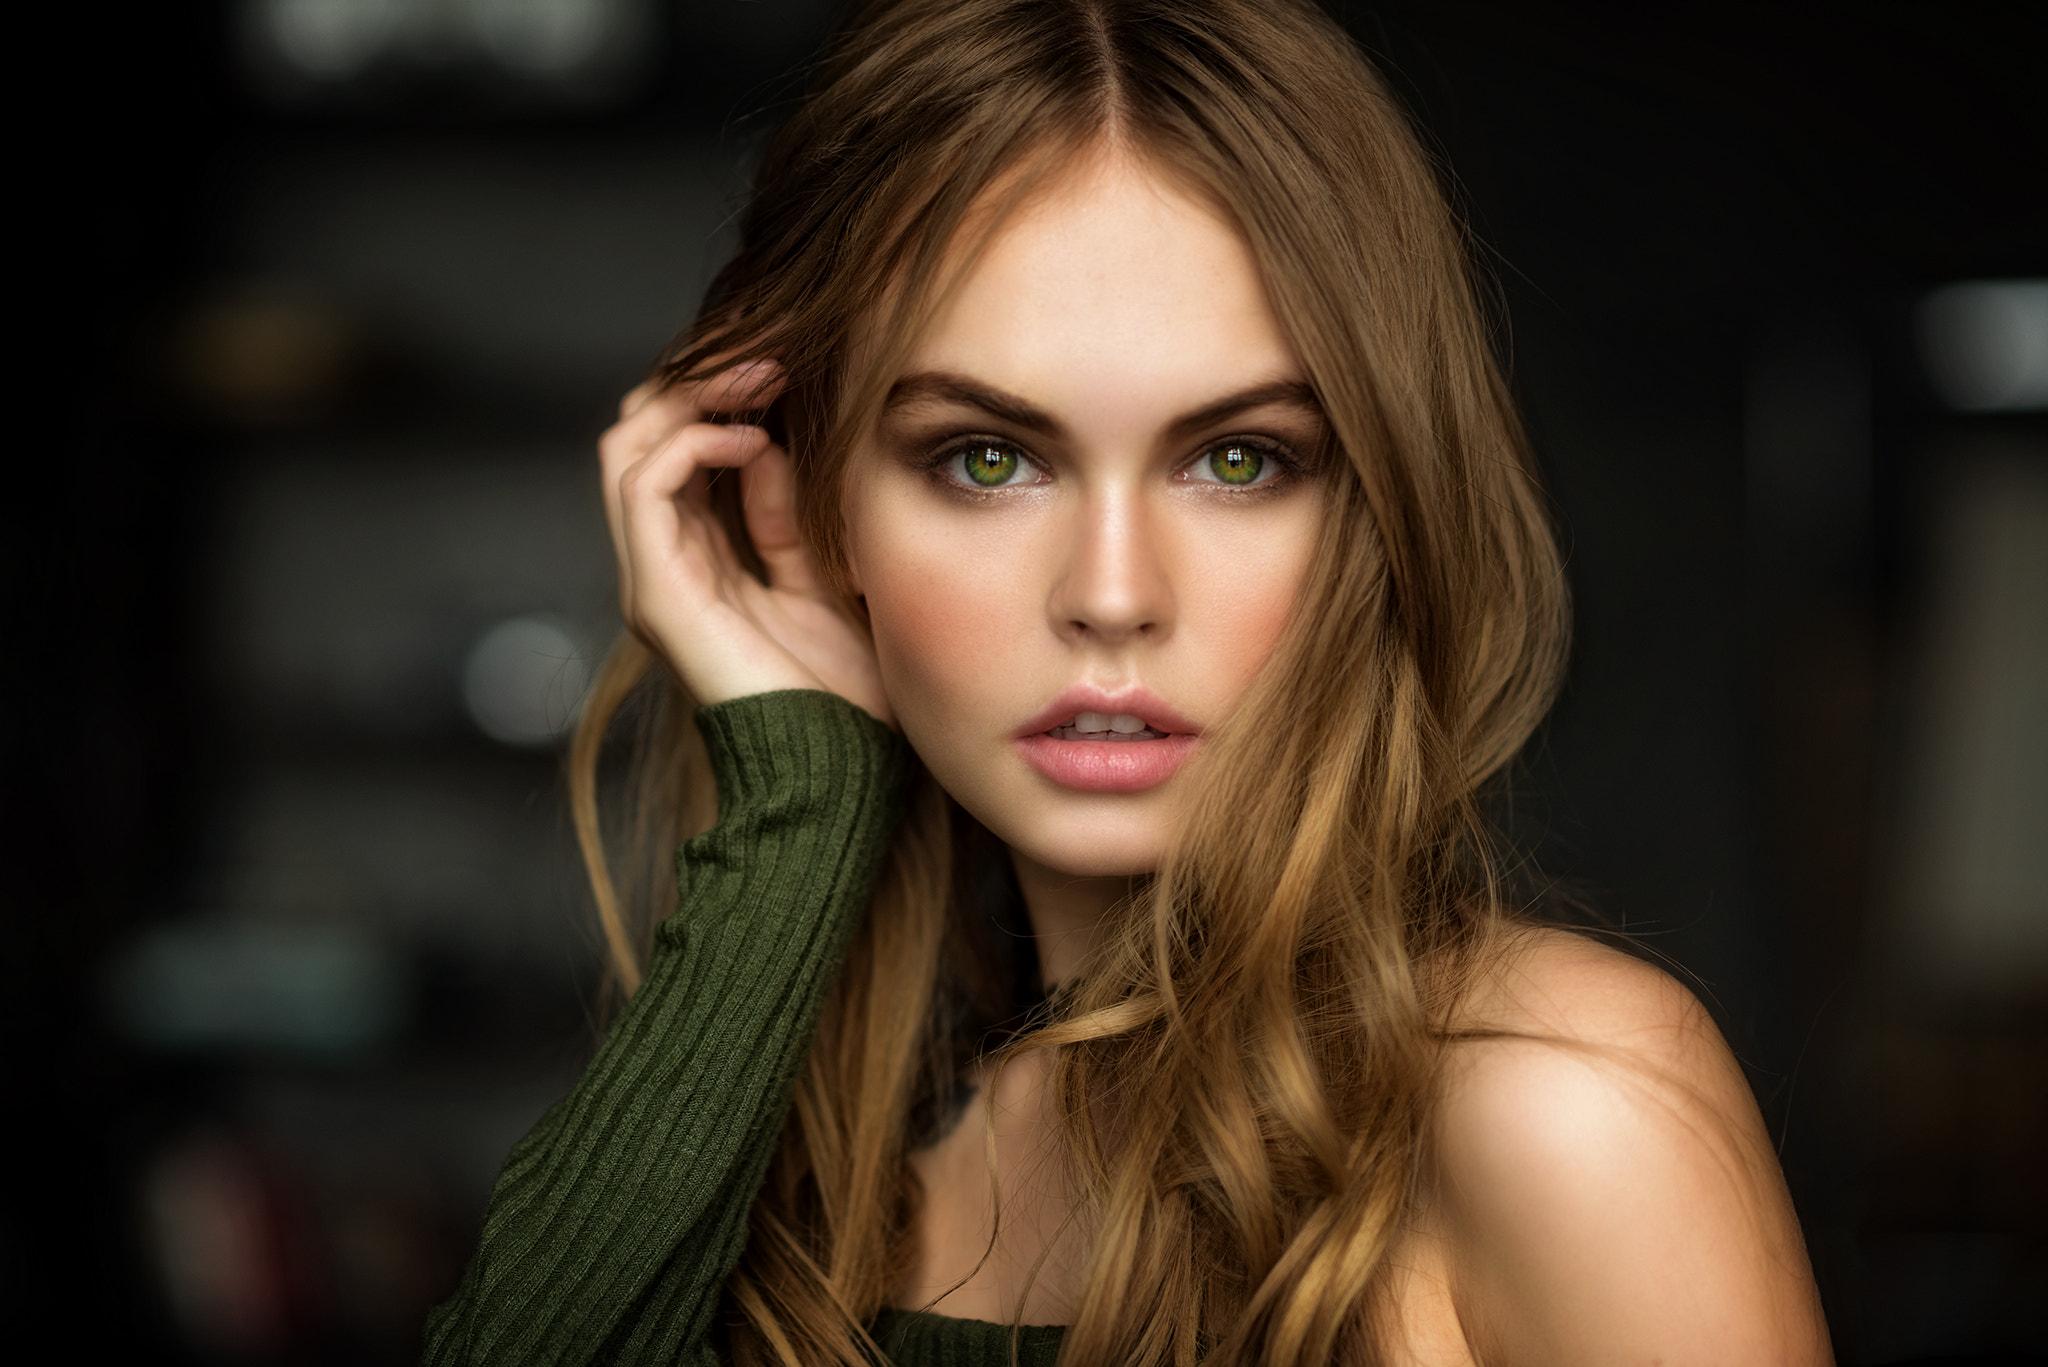 самый отдаленный фотомодели с зелеными глазами фото хотите модную